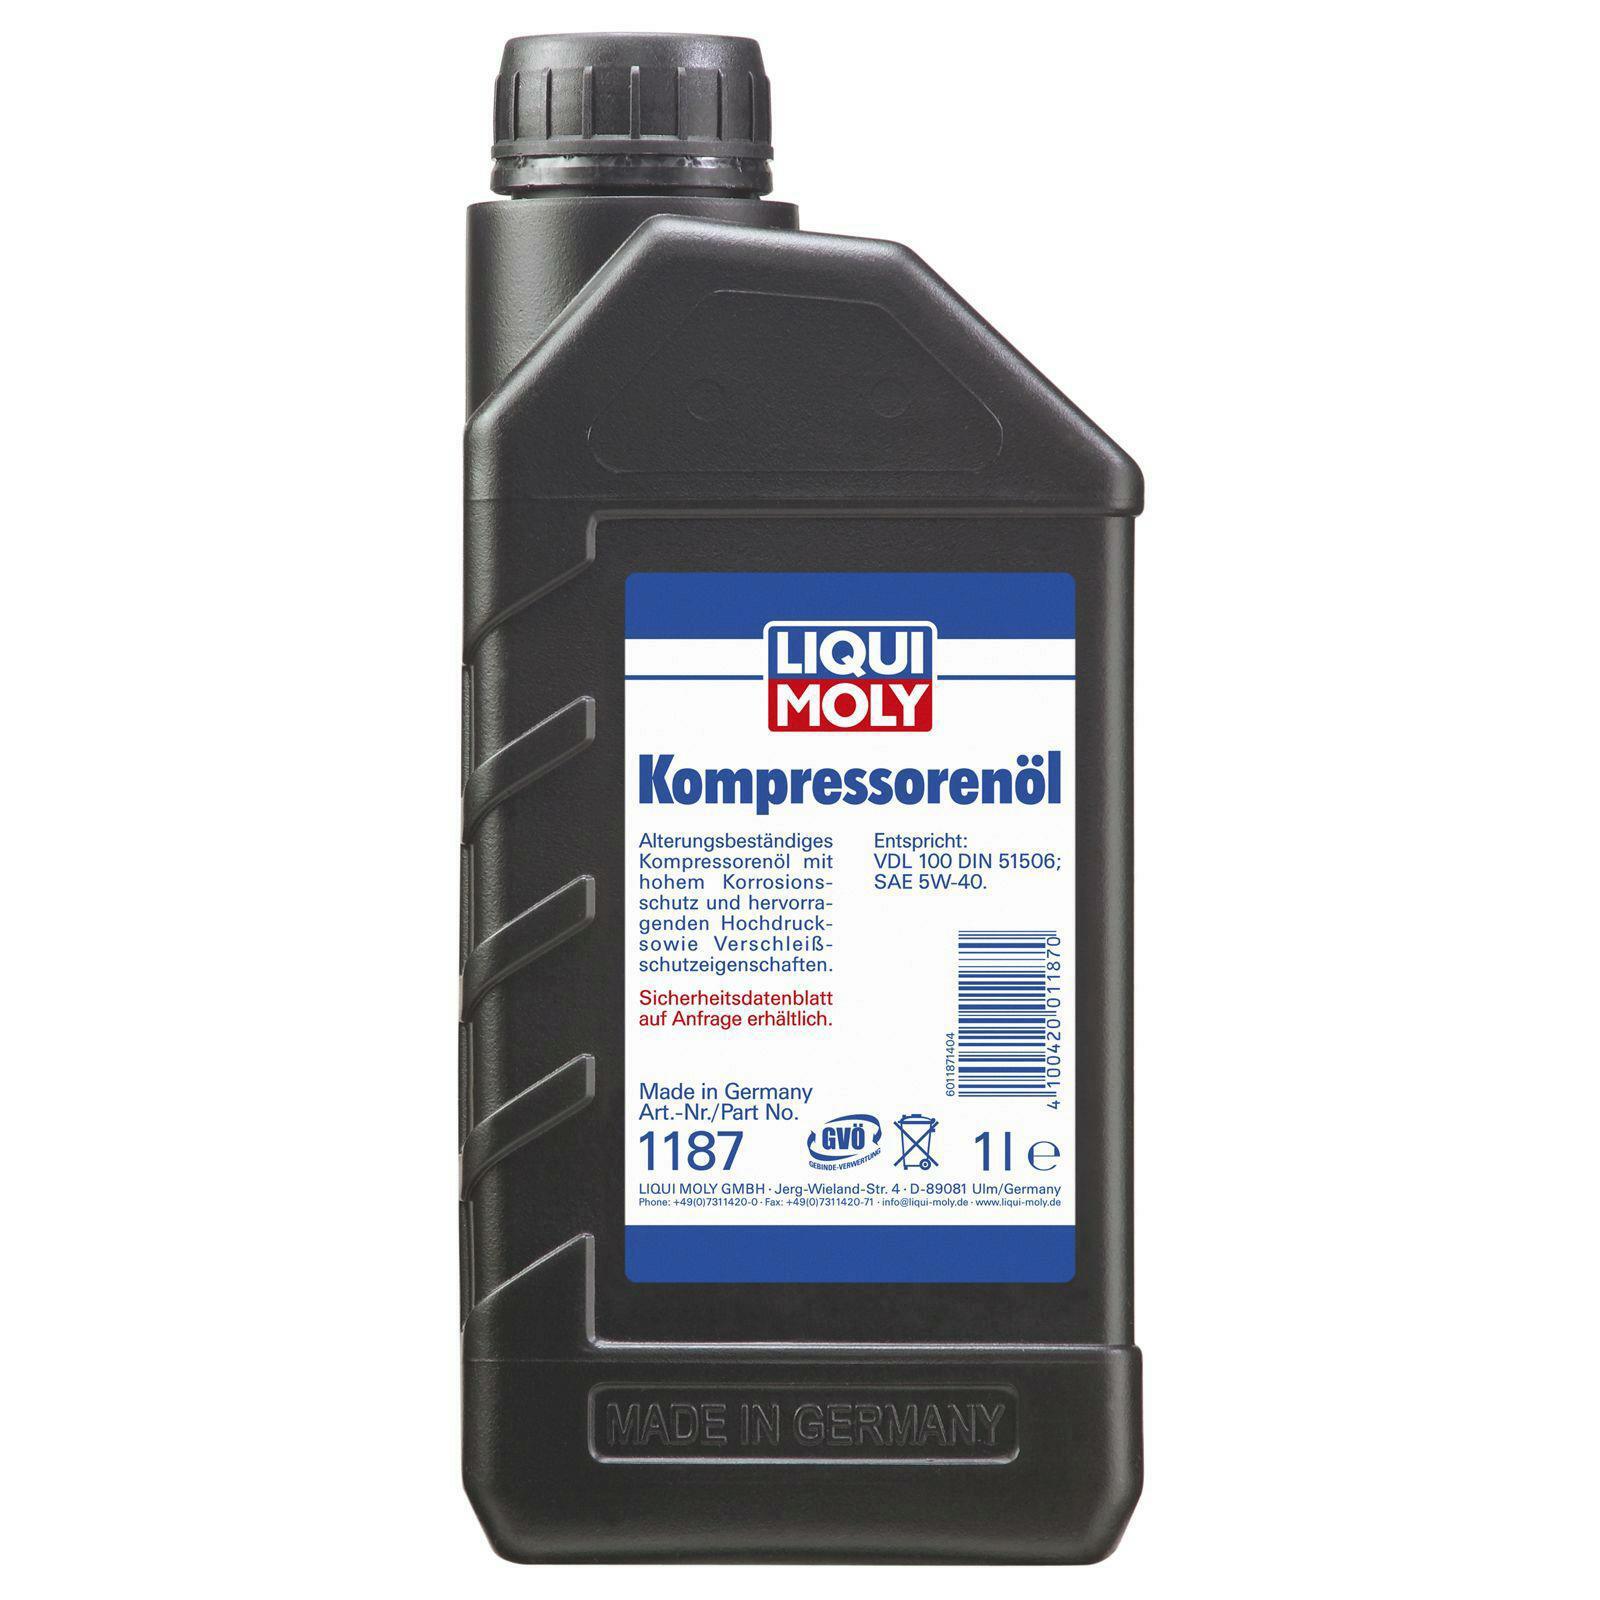 Liqui Moly Kompressorenöl 1l